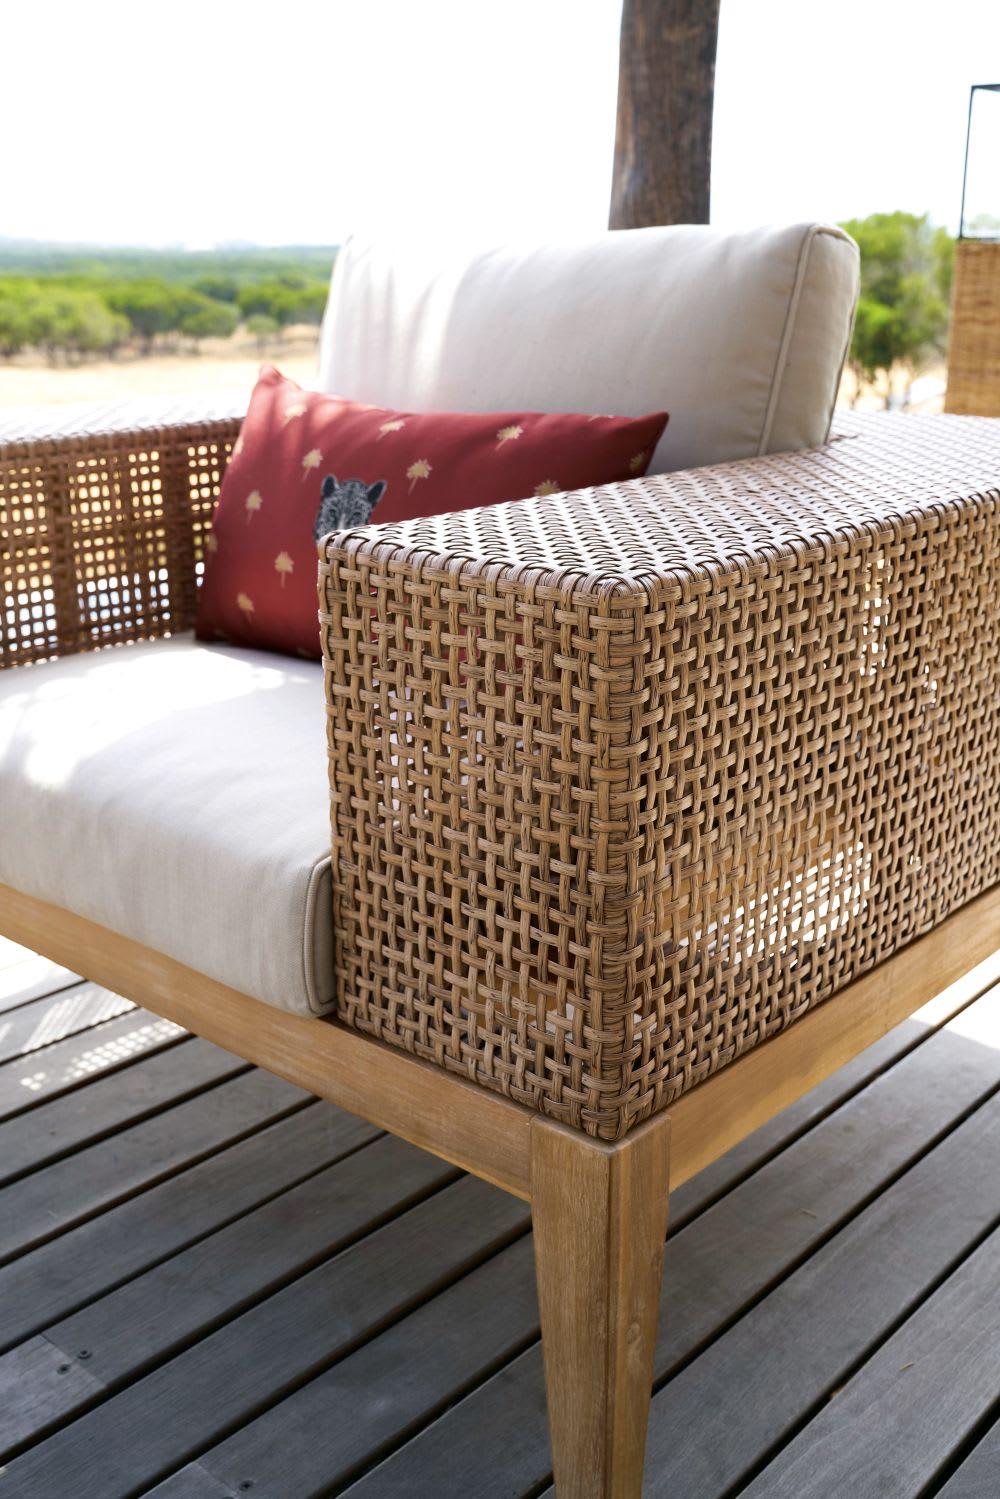 fauteuil de jardin en r sine tress e et toile taupe clair cala bassa maisons du monde. Black Bedroom Furniture Sets. Home Design Ideas